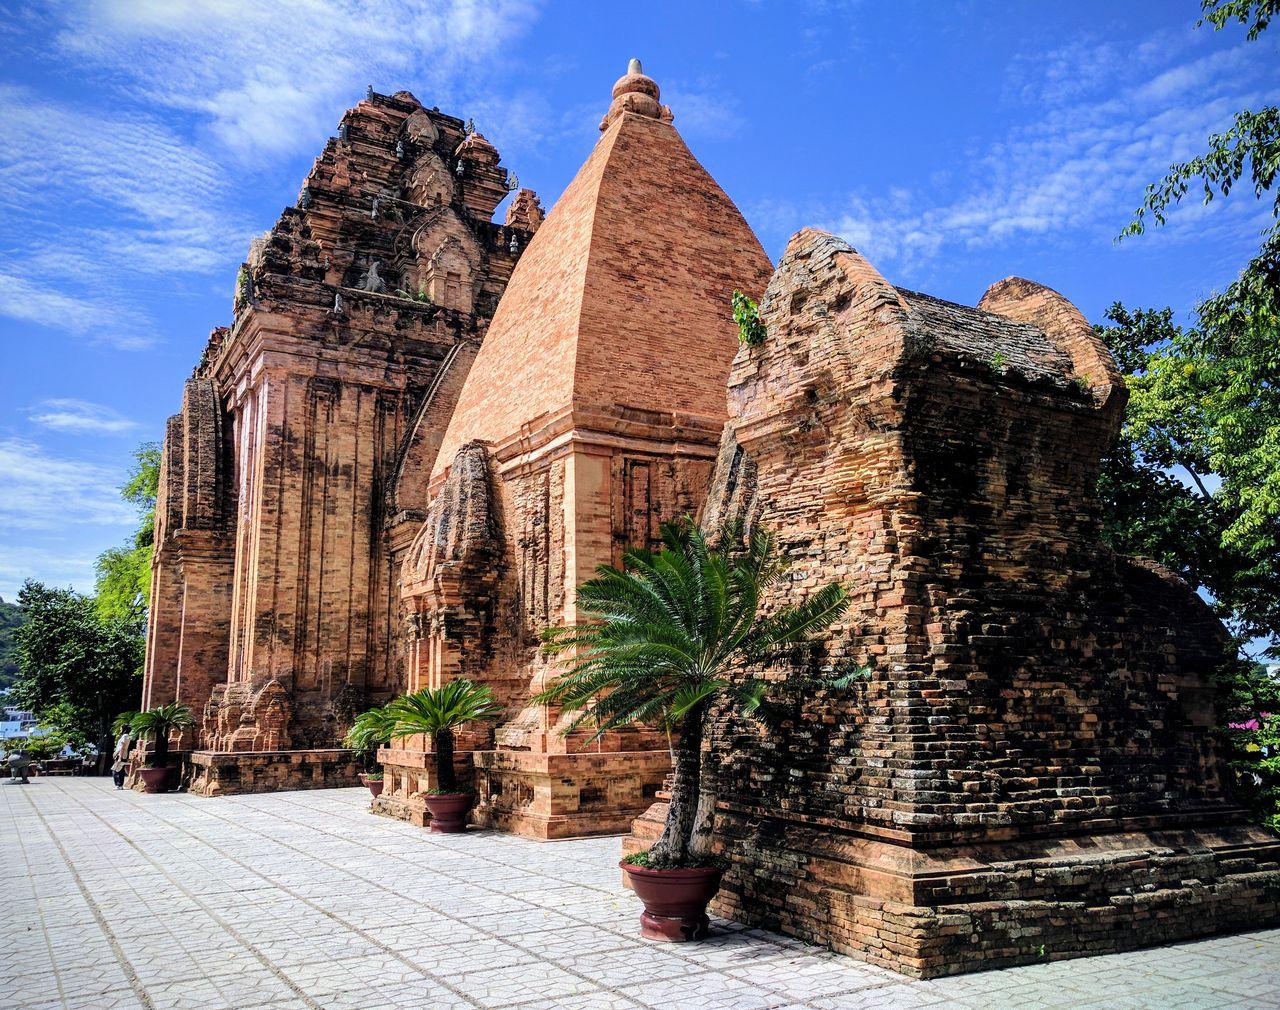 Temple complex Po Nagar